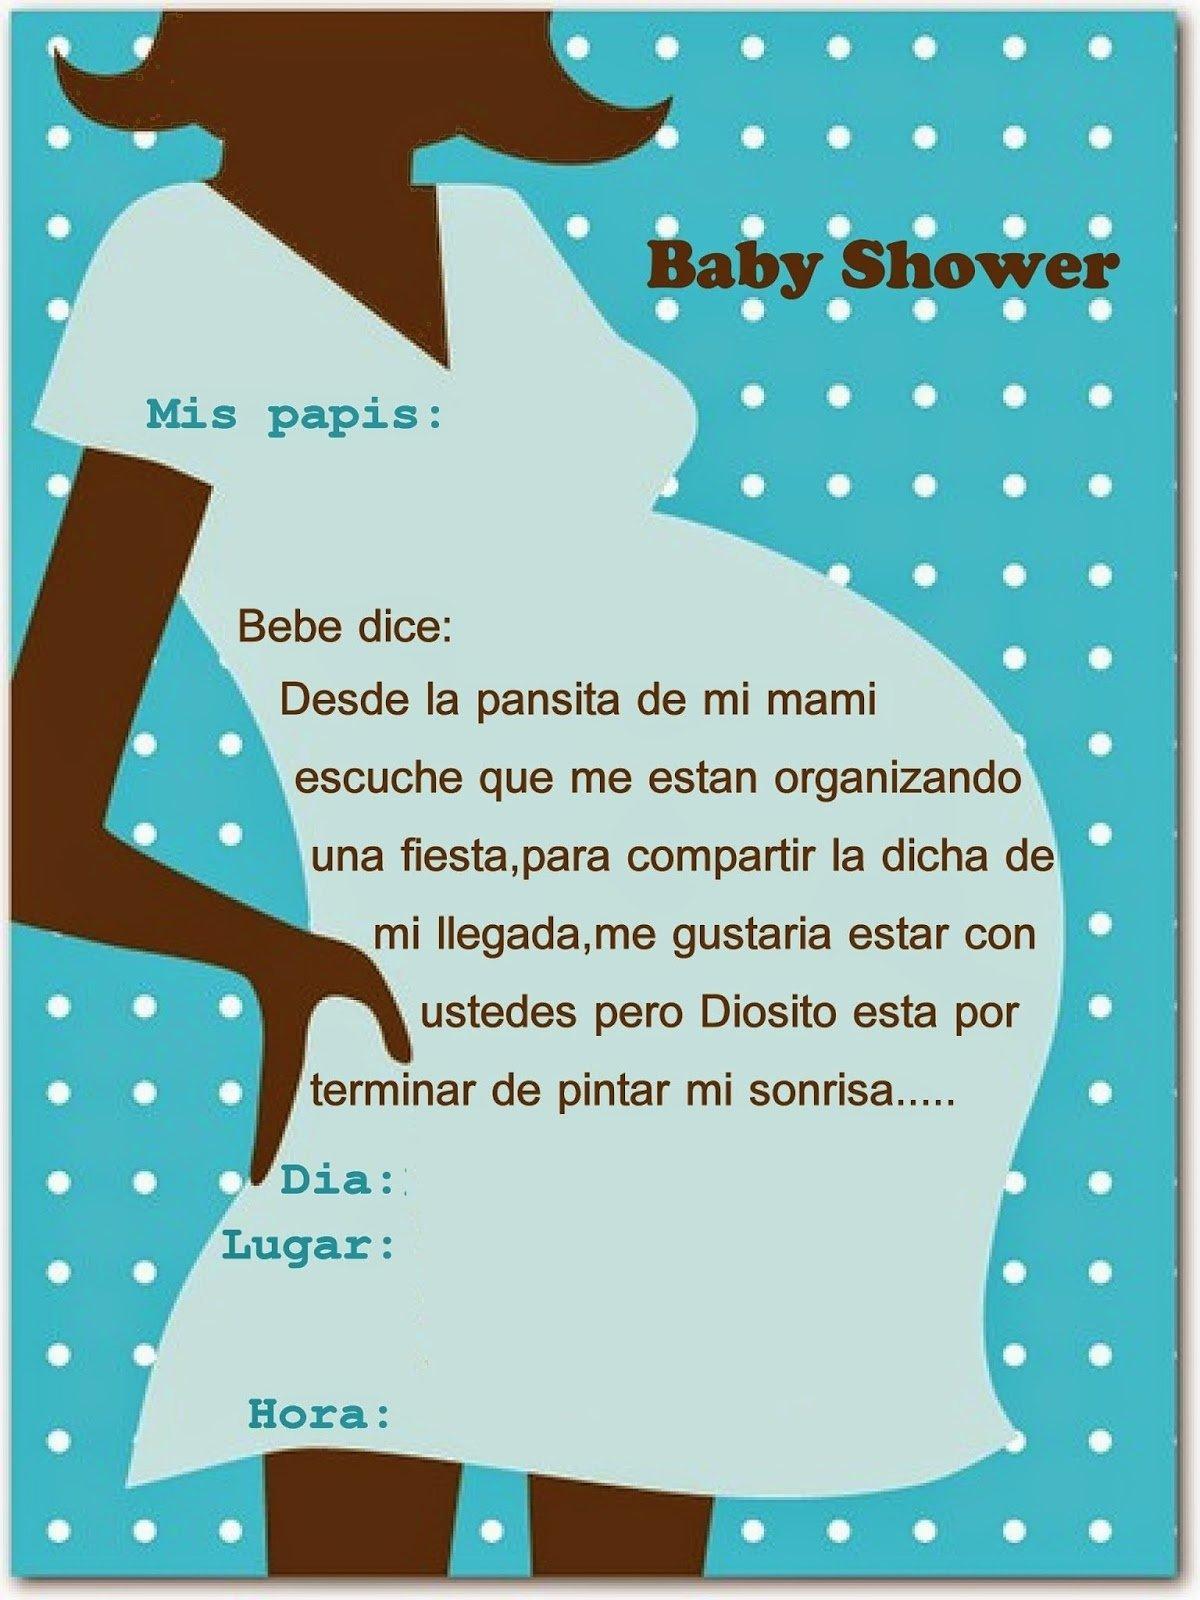 10 Attractive Ideas Para Invitaciones De Baby Shower invitaciones para baby shower also invitaciones de baby shower also 2021